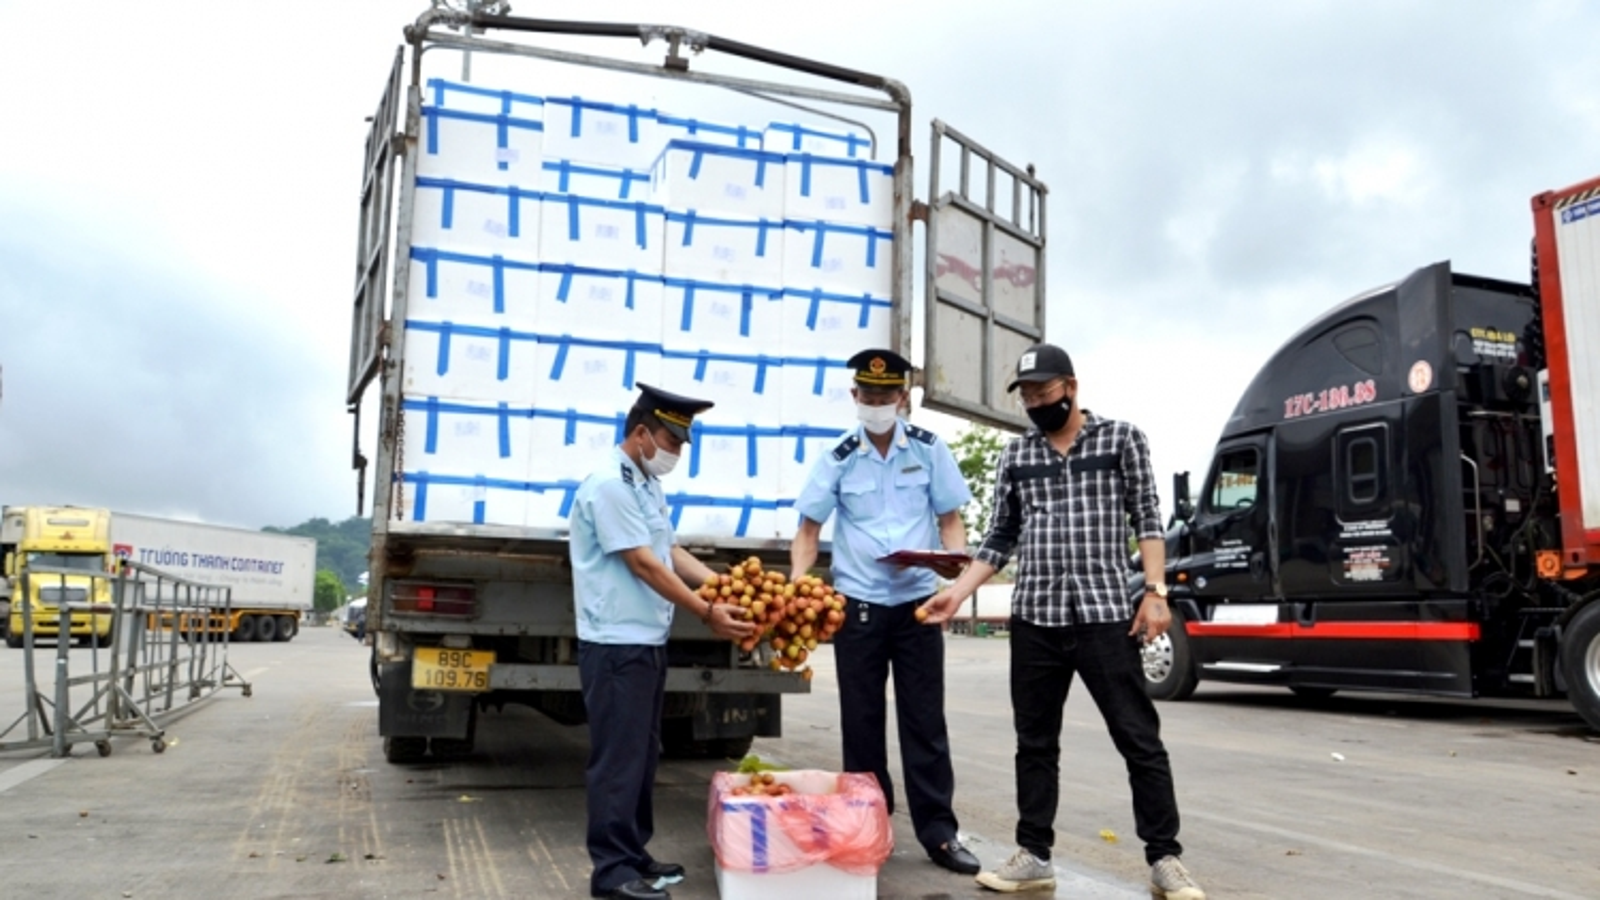 Lào Cai sáng tạo phương án đón vải thiều từ tâm dịch đi xuất khẩu